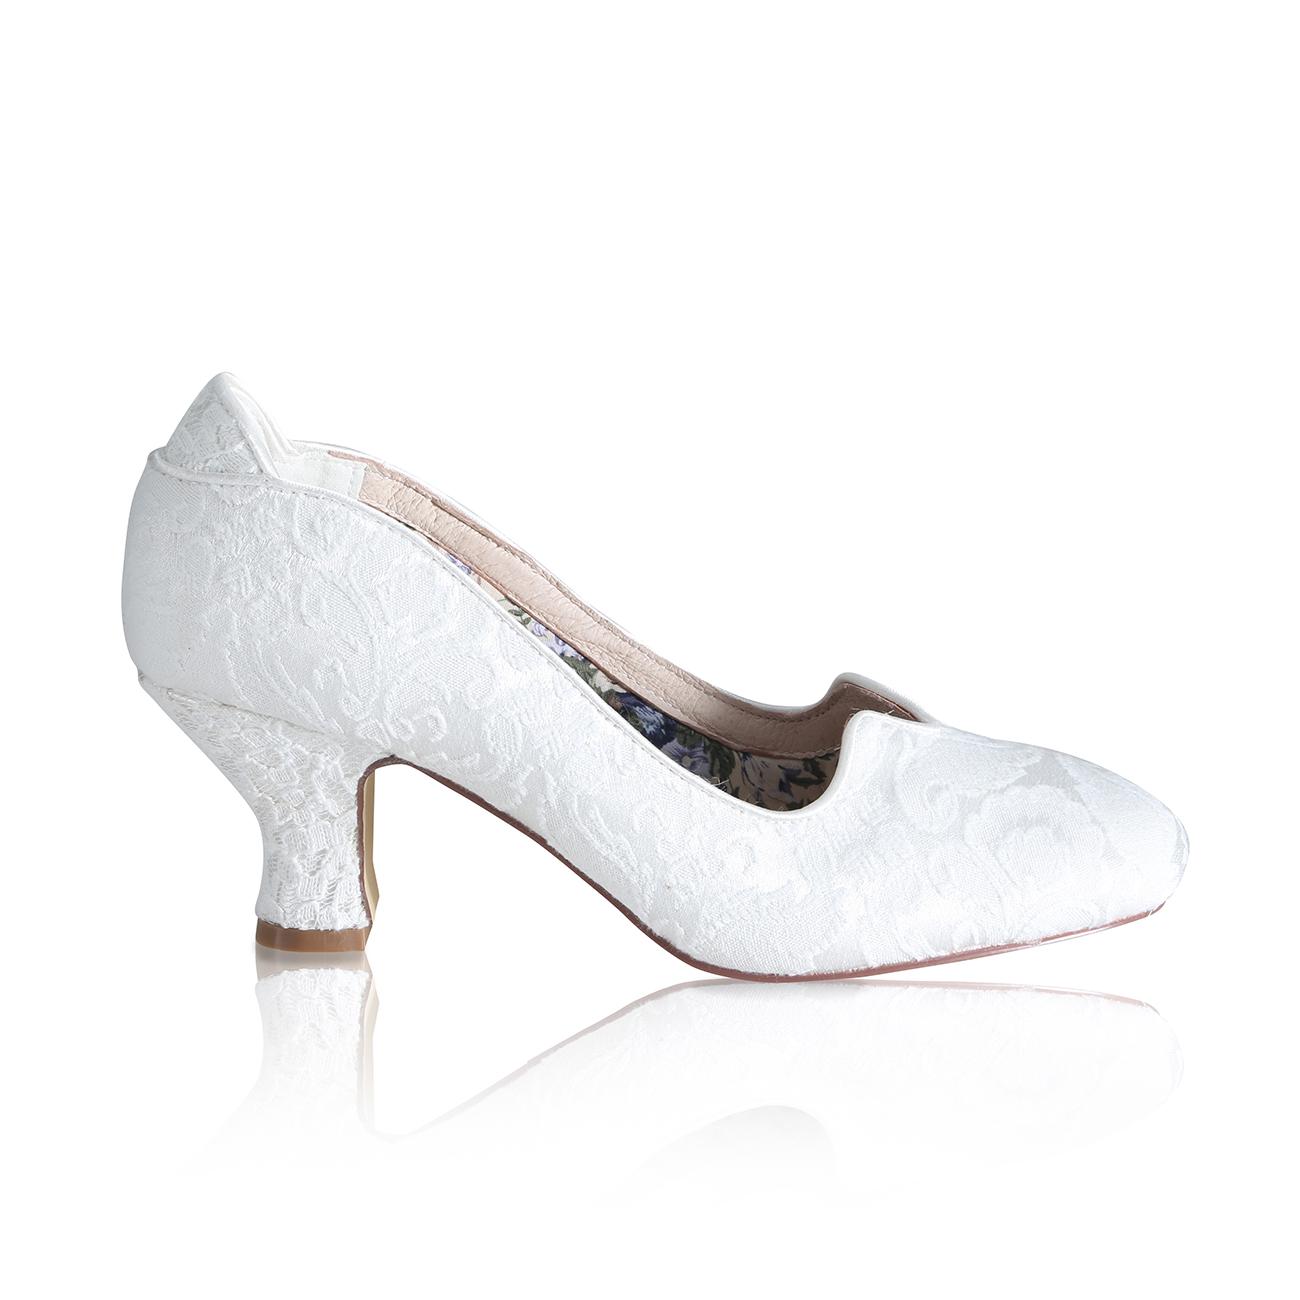 vivian ivory brocade lace vintage bridal court shoe